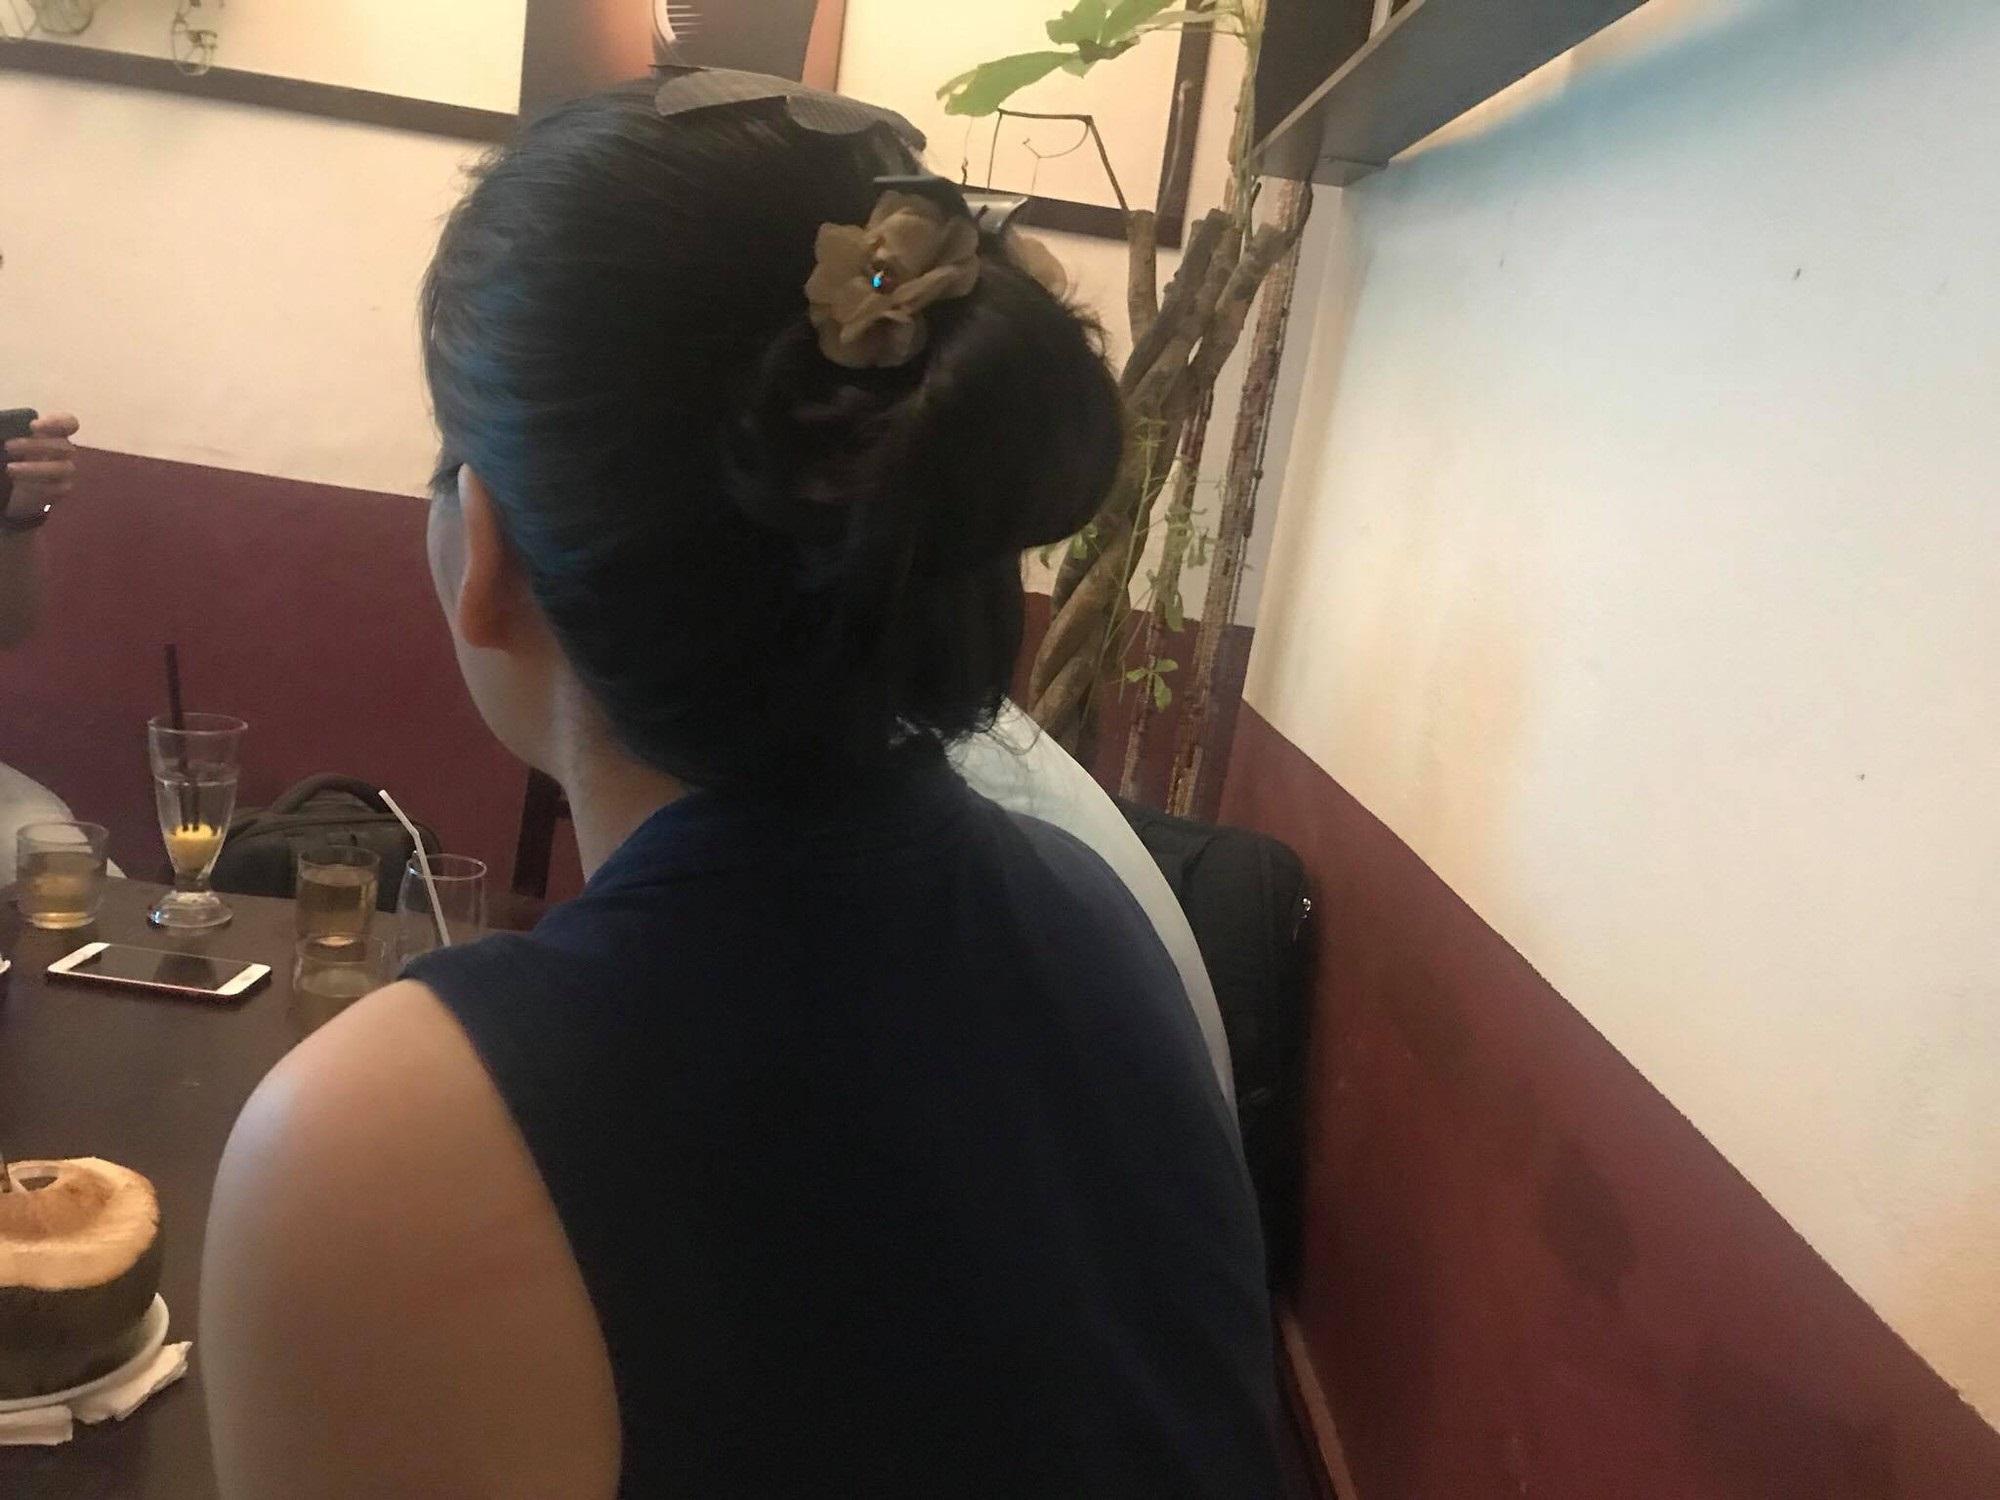 Bé gái 9 tuổi nghi bị ông nội dâm ô ở Hà Nội: Lời kể phẫn uất của người mẹ - Ảnh 1